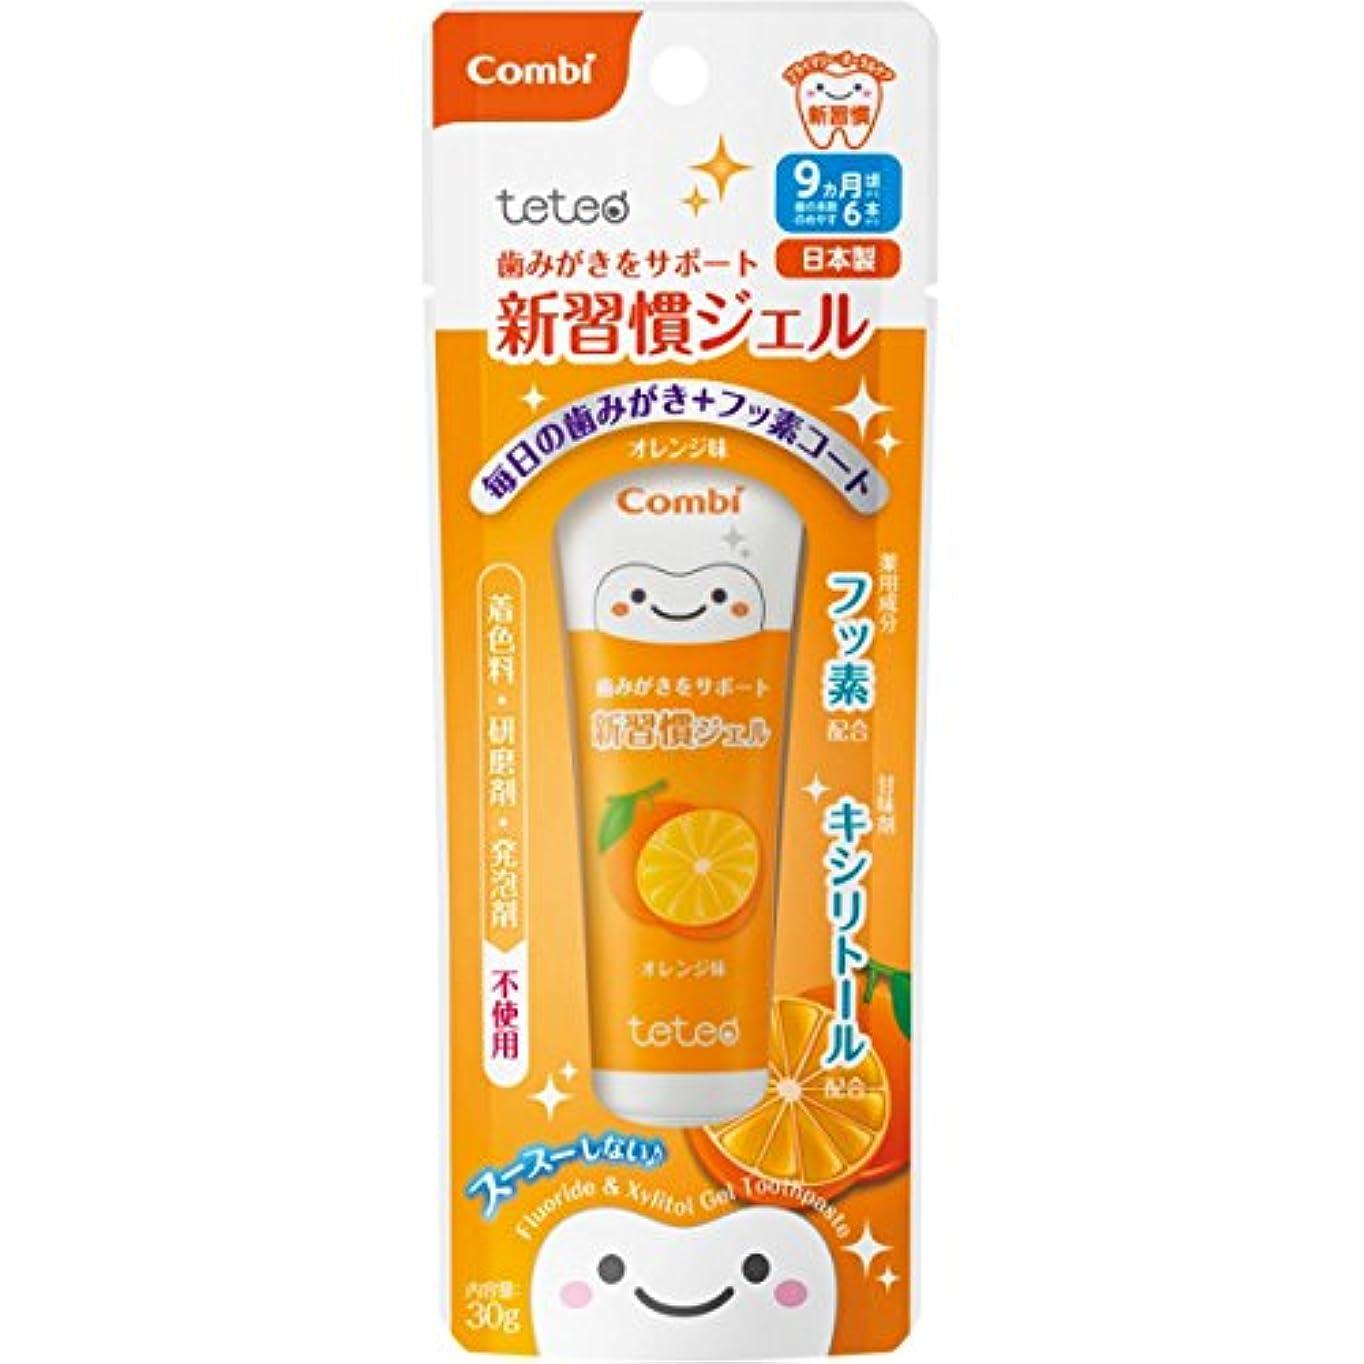 休日にフォーム火山の【テテオ】歯みがきサポート 新習慣ジェル オレンジ味 30g×3個